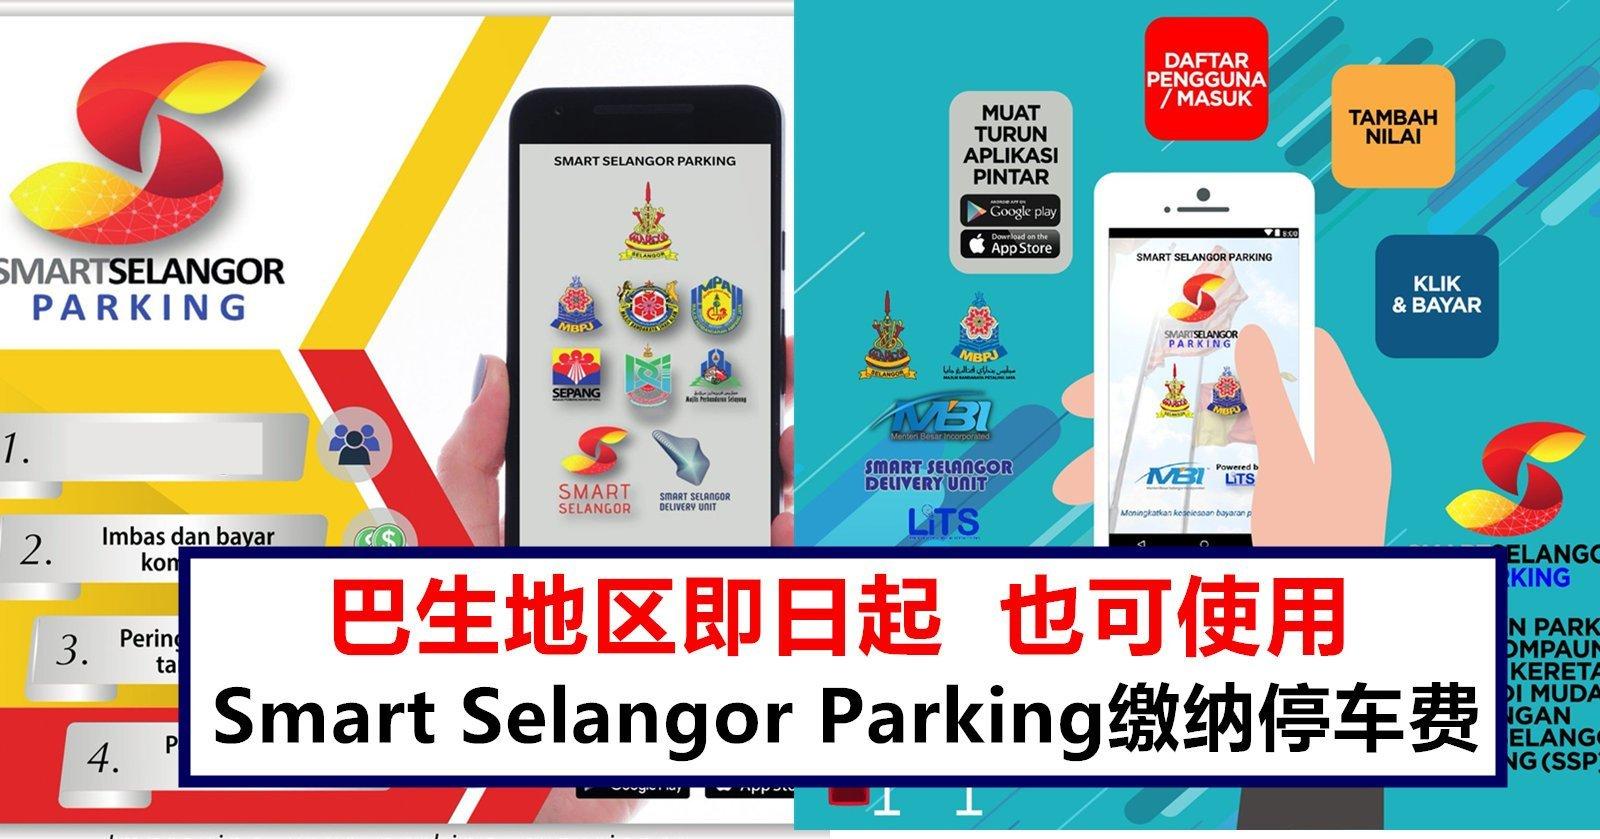 巴生Smart-Selangor-Parking